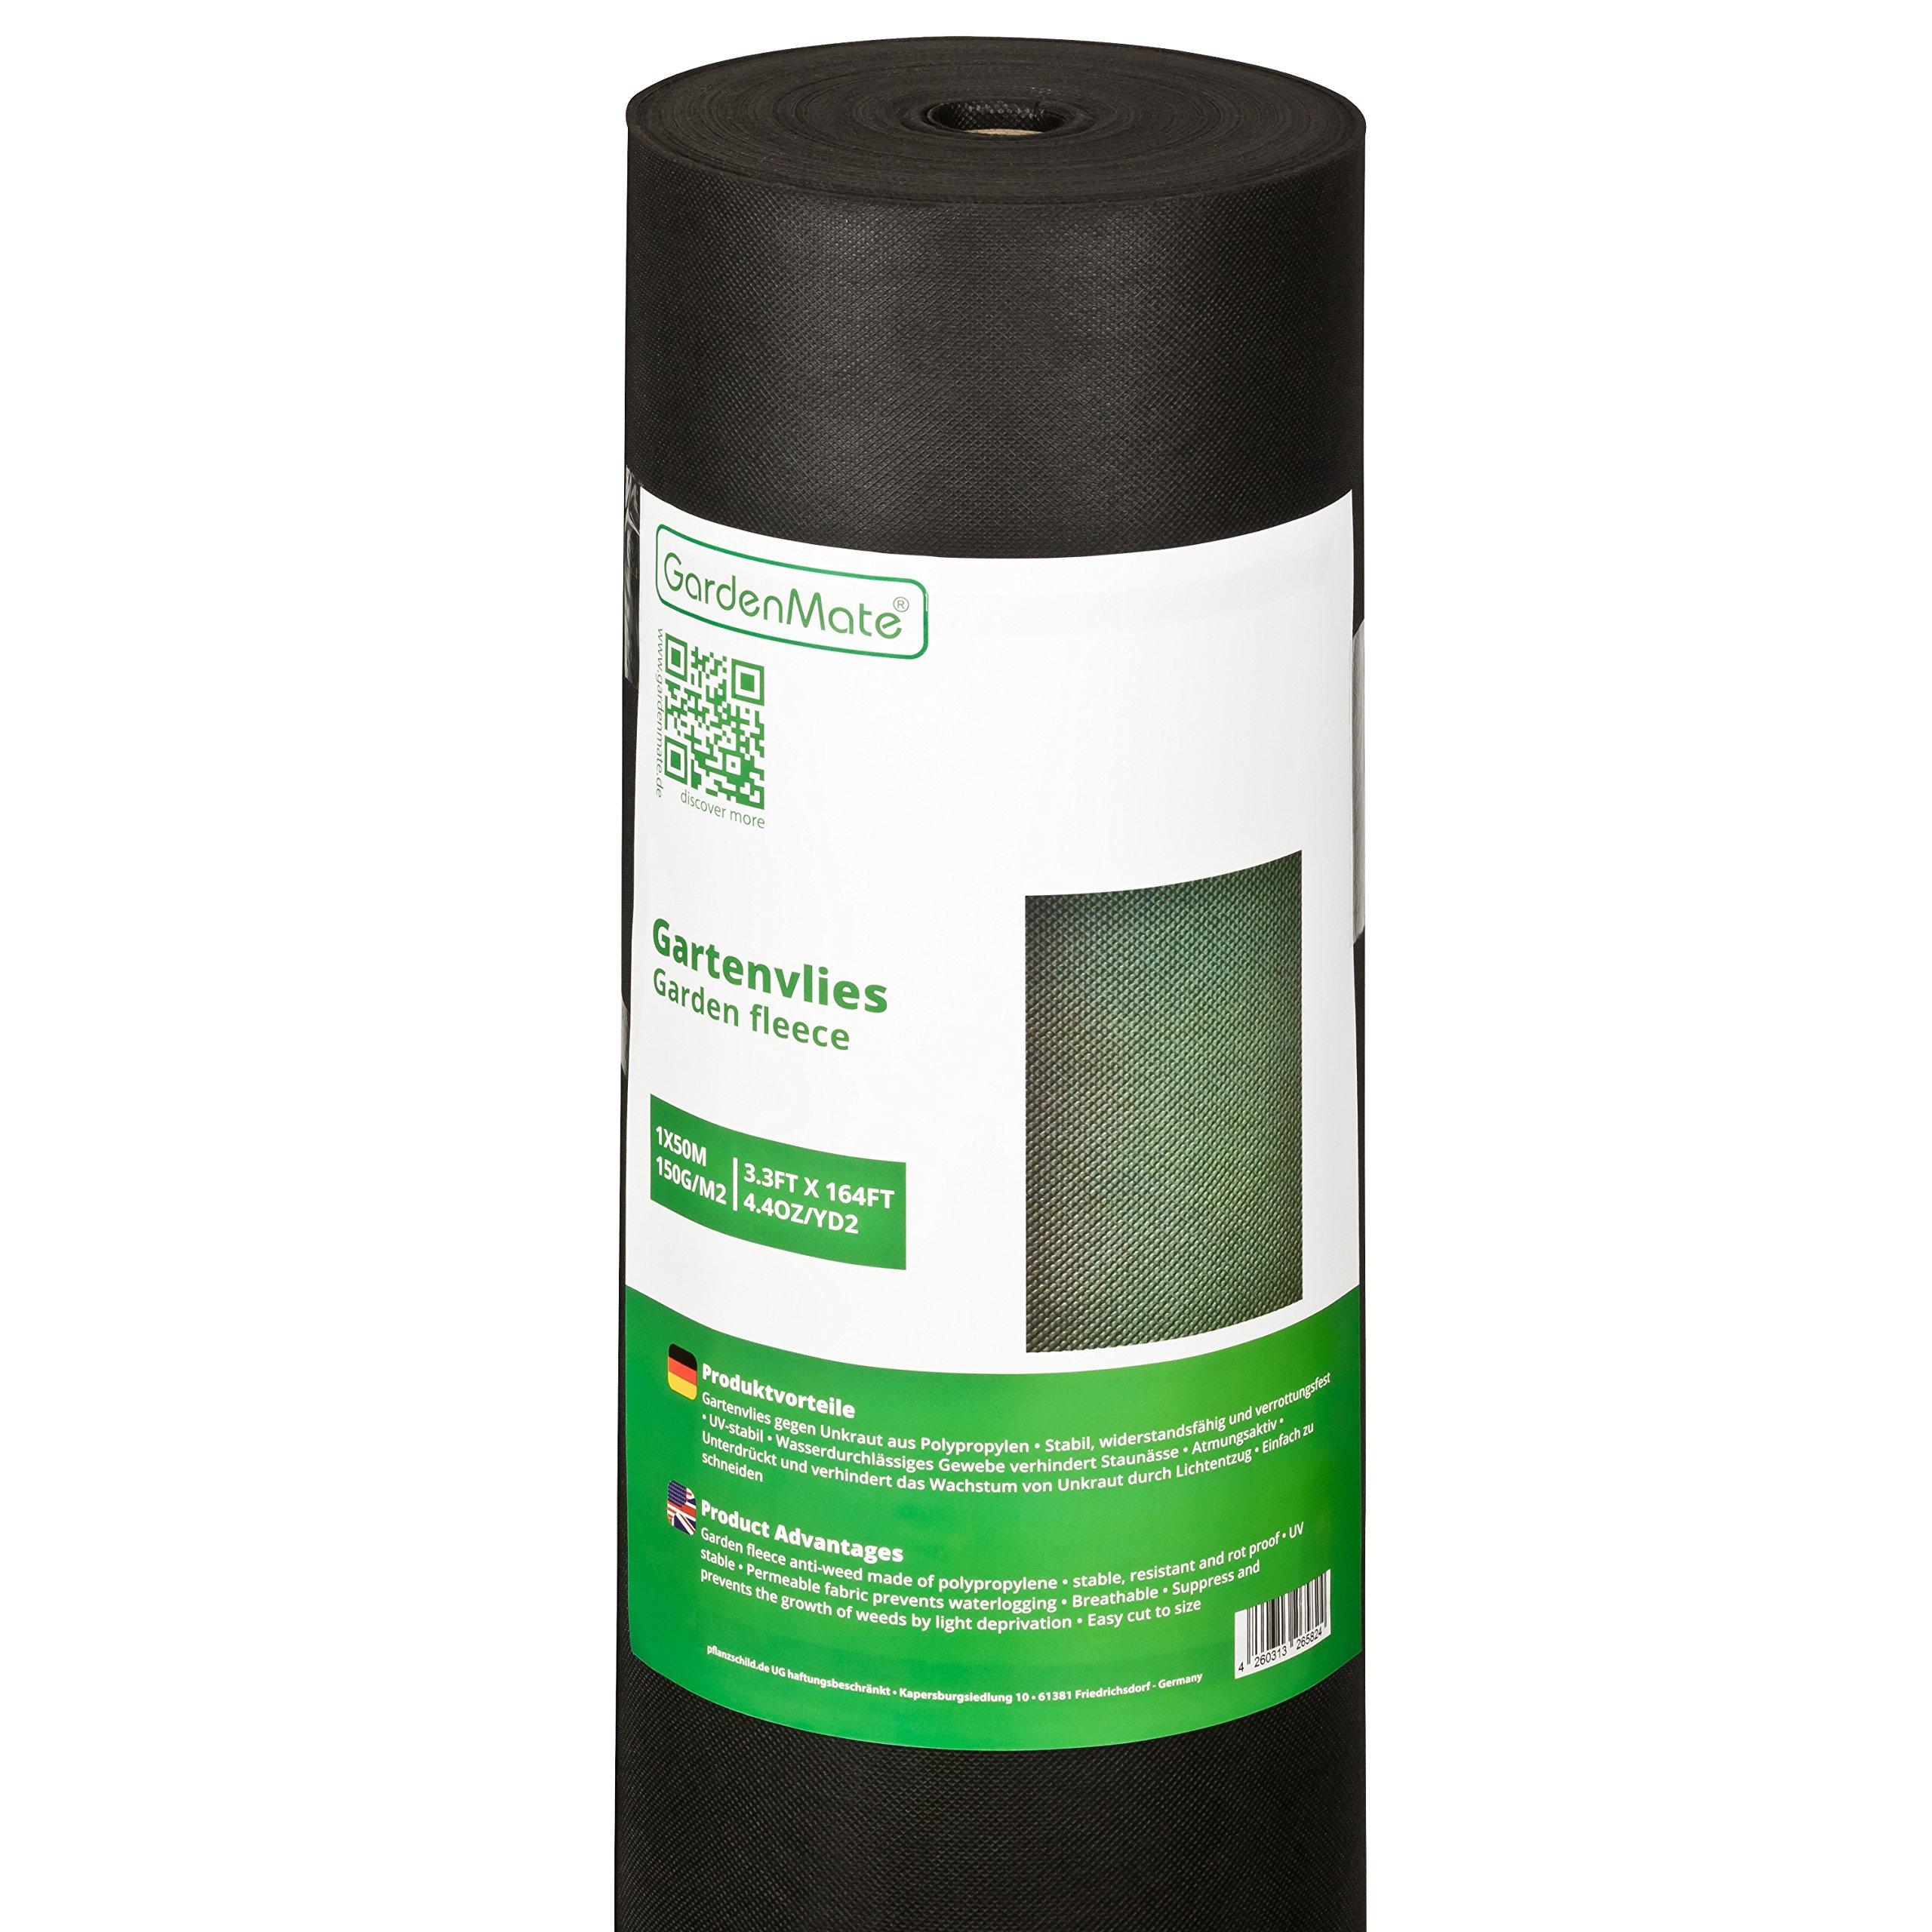 GardenMate 1mx50m Rolle 150g/m² Premium Gartenvlies - Unkrautvlies Extrem Reißfestes Unkrautschutzvlies - Hohe UV-Stabilisierung - Wasserdurchlässig - 1mx50m=50m² product image